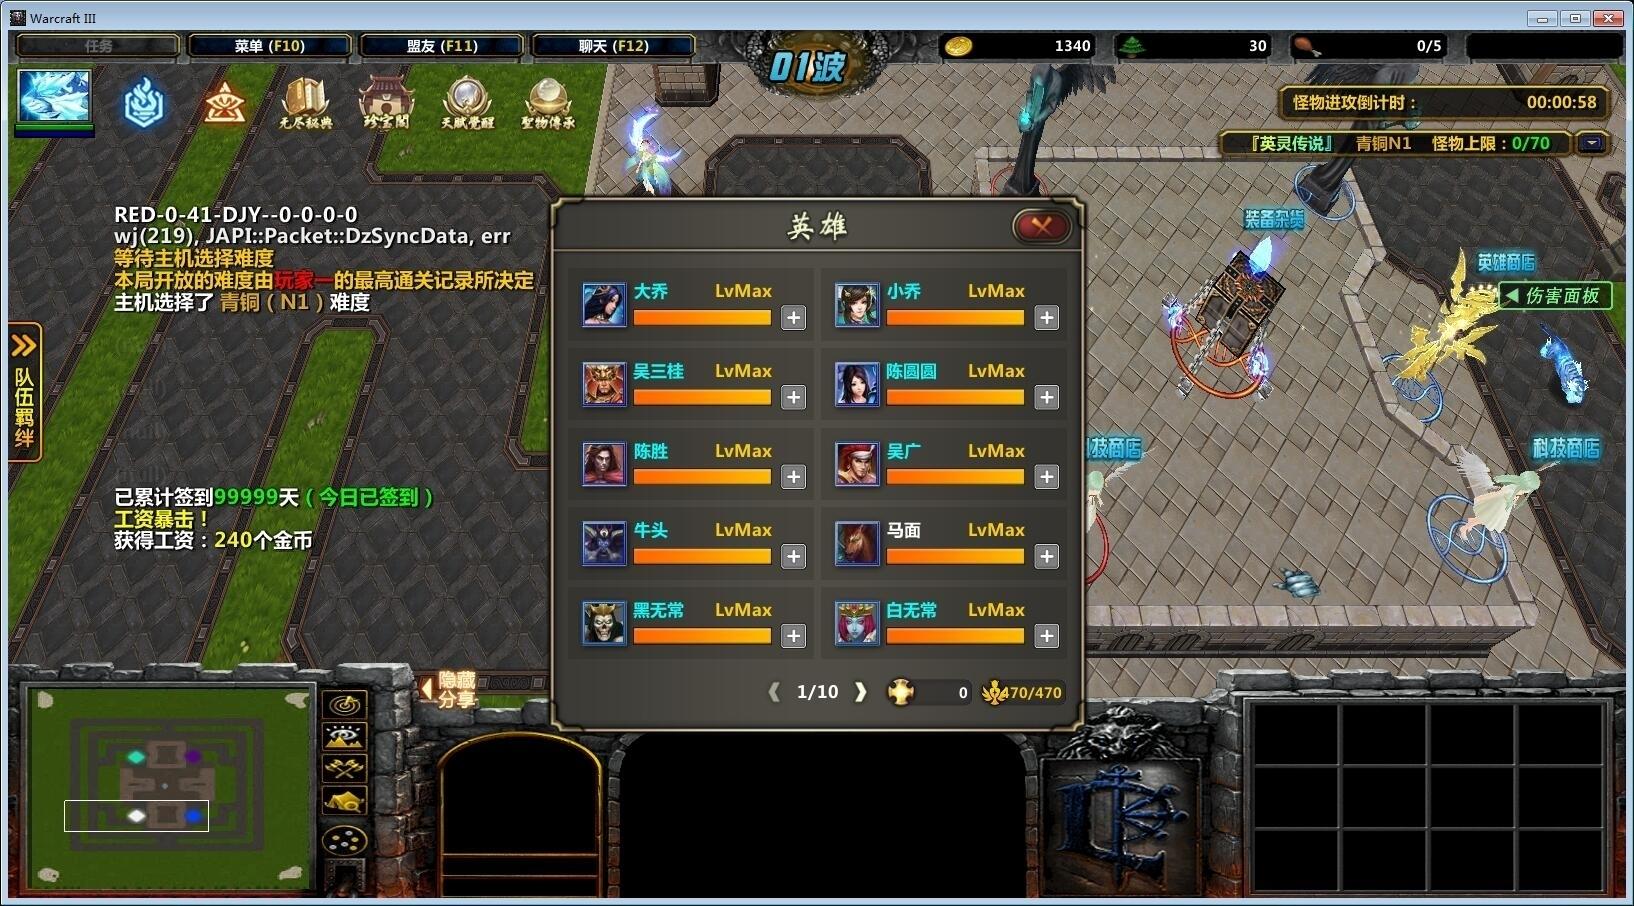 英灵传说2.1.9Mr破解 全商城礼包+英雄熟练等级+全难度选择权+地图等级99+脚本